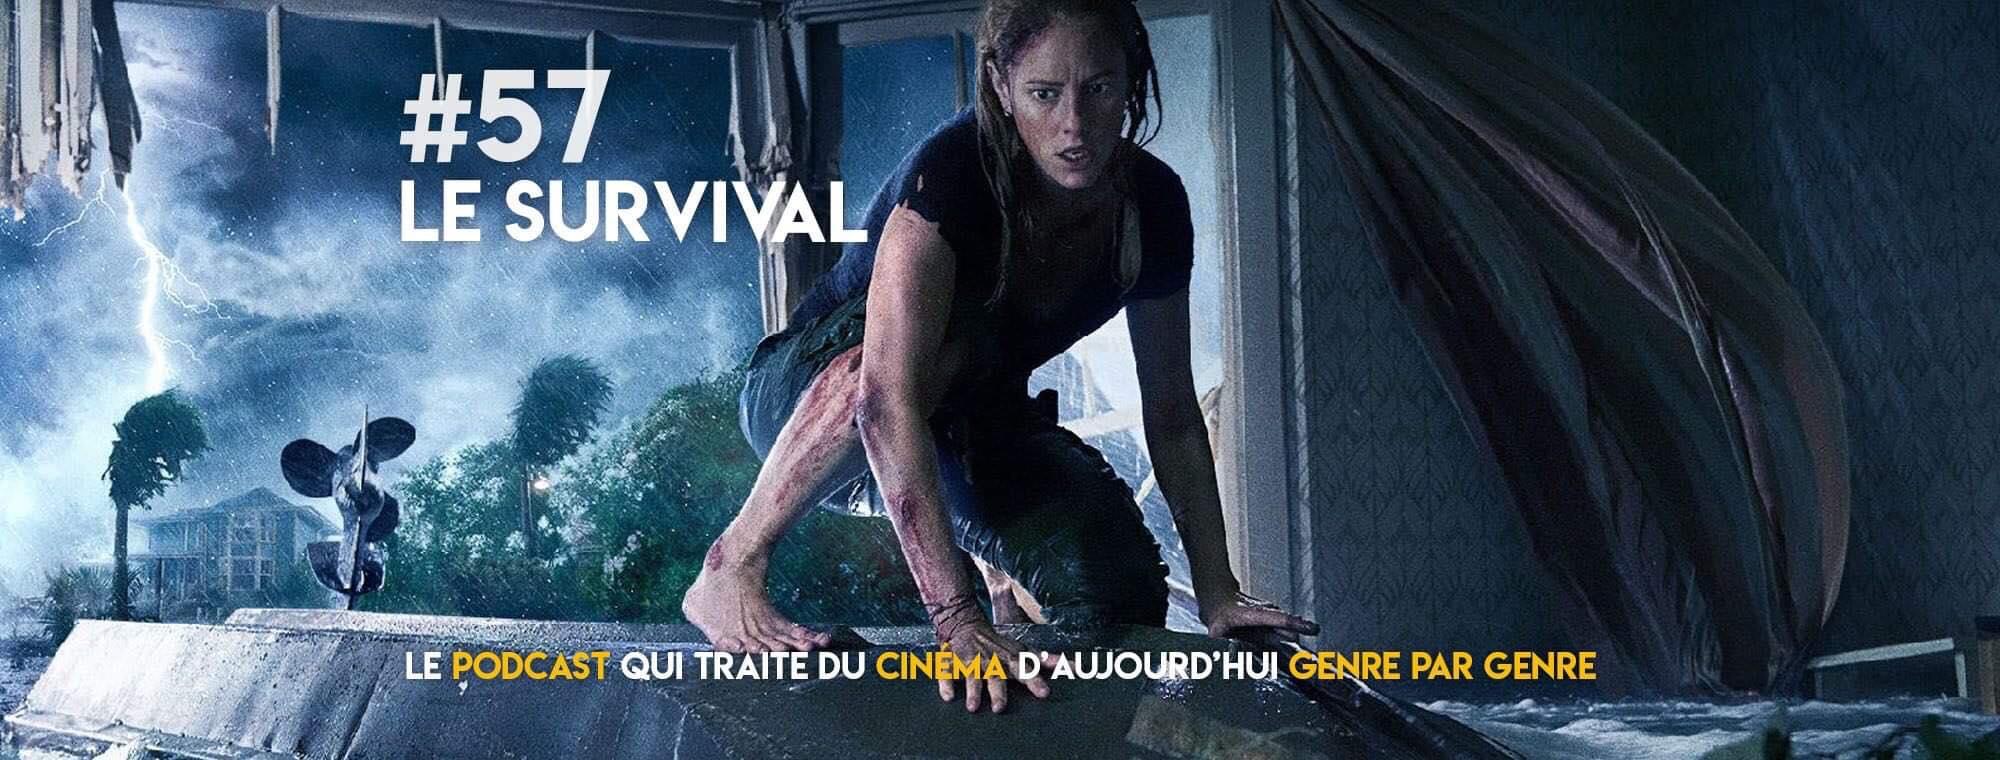 Parlons Péloches - #57 Le survival